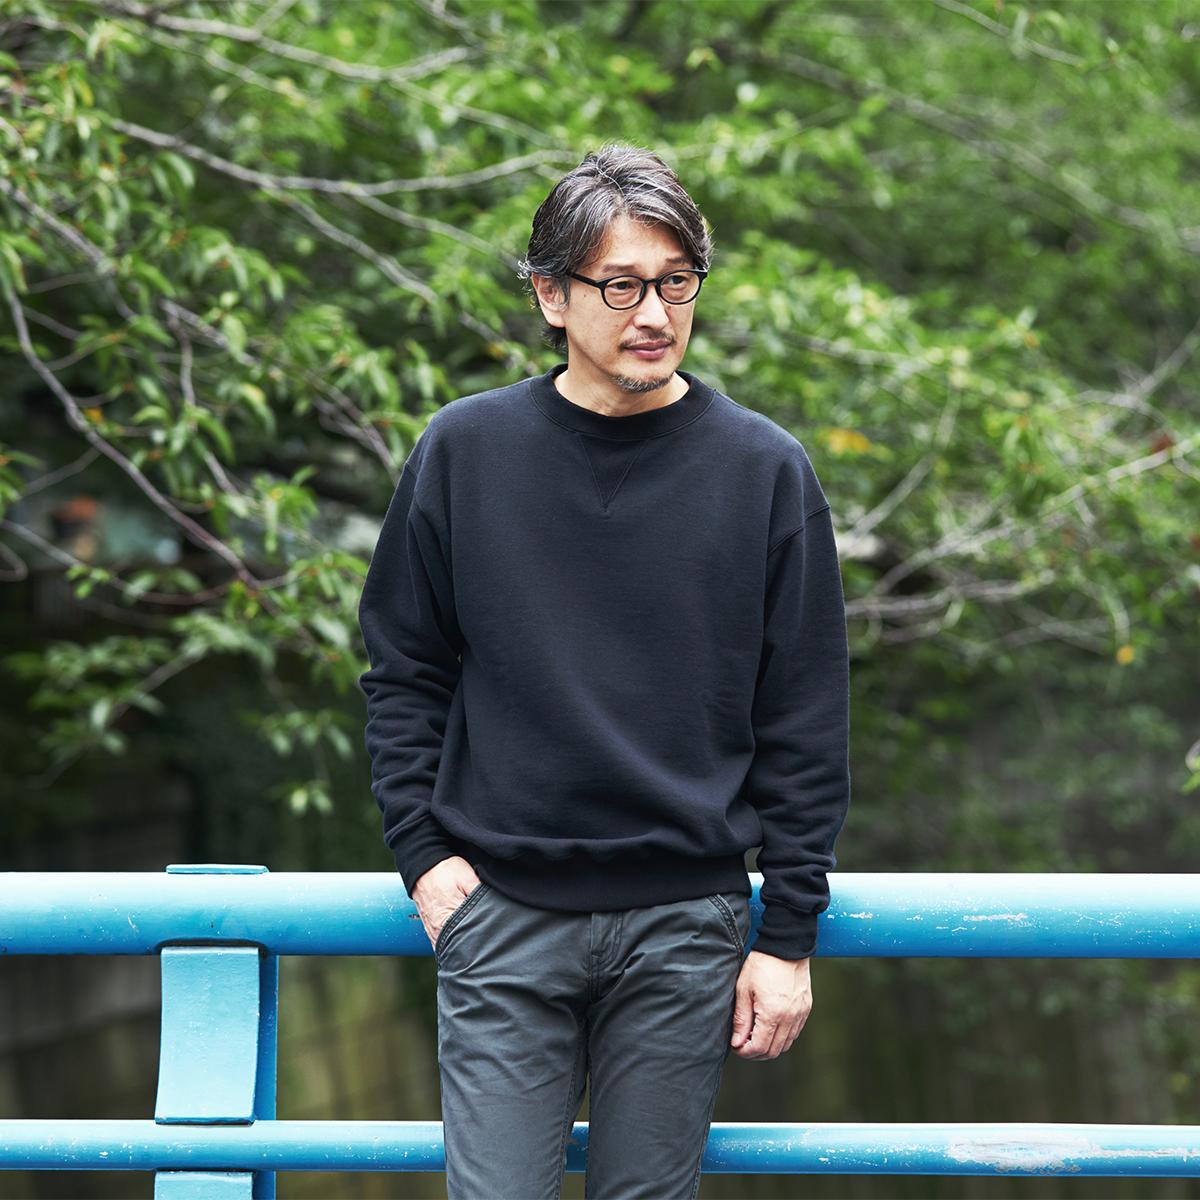 経年変化したヴィンテージアーカイブから読み解くスウェットの名作。スポルディング社の名作から、現存していない「ブラック」をMade in Japanで「トレーニングシャツ」|A.G. Spalding & Bros